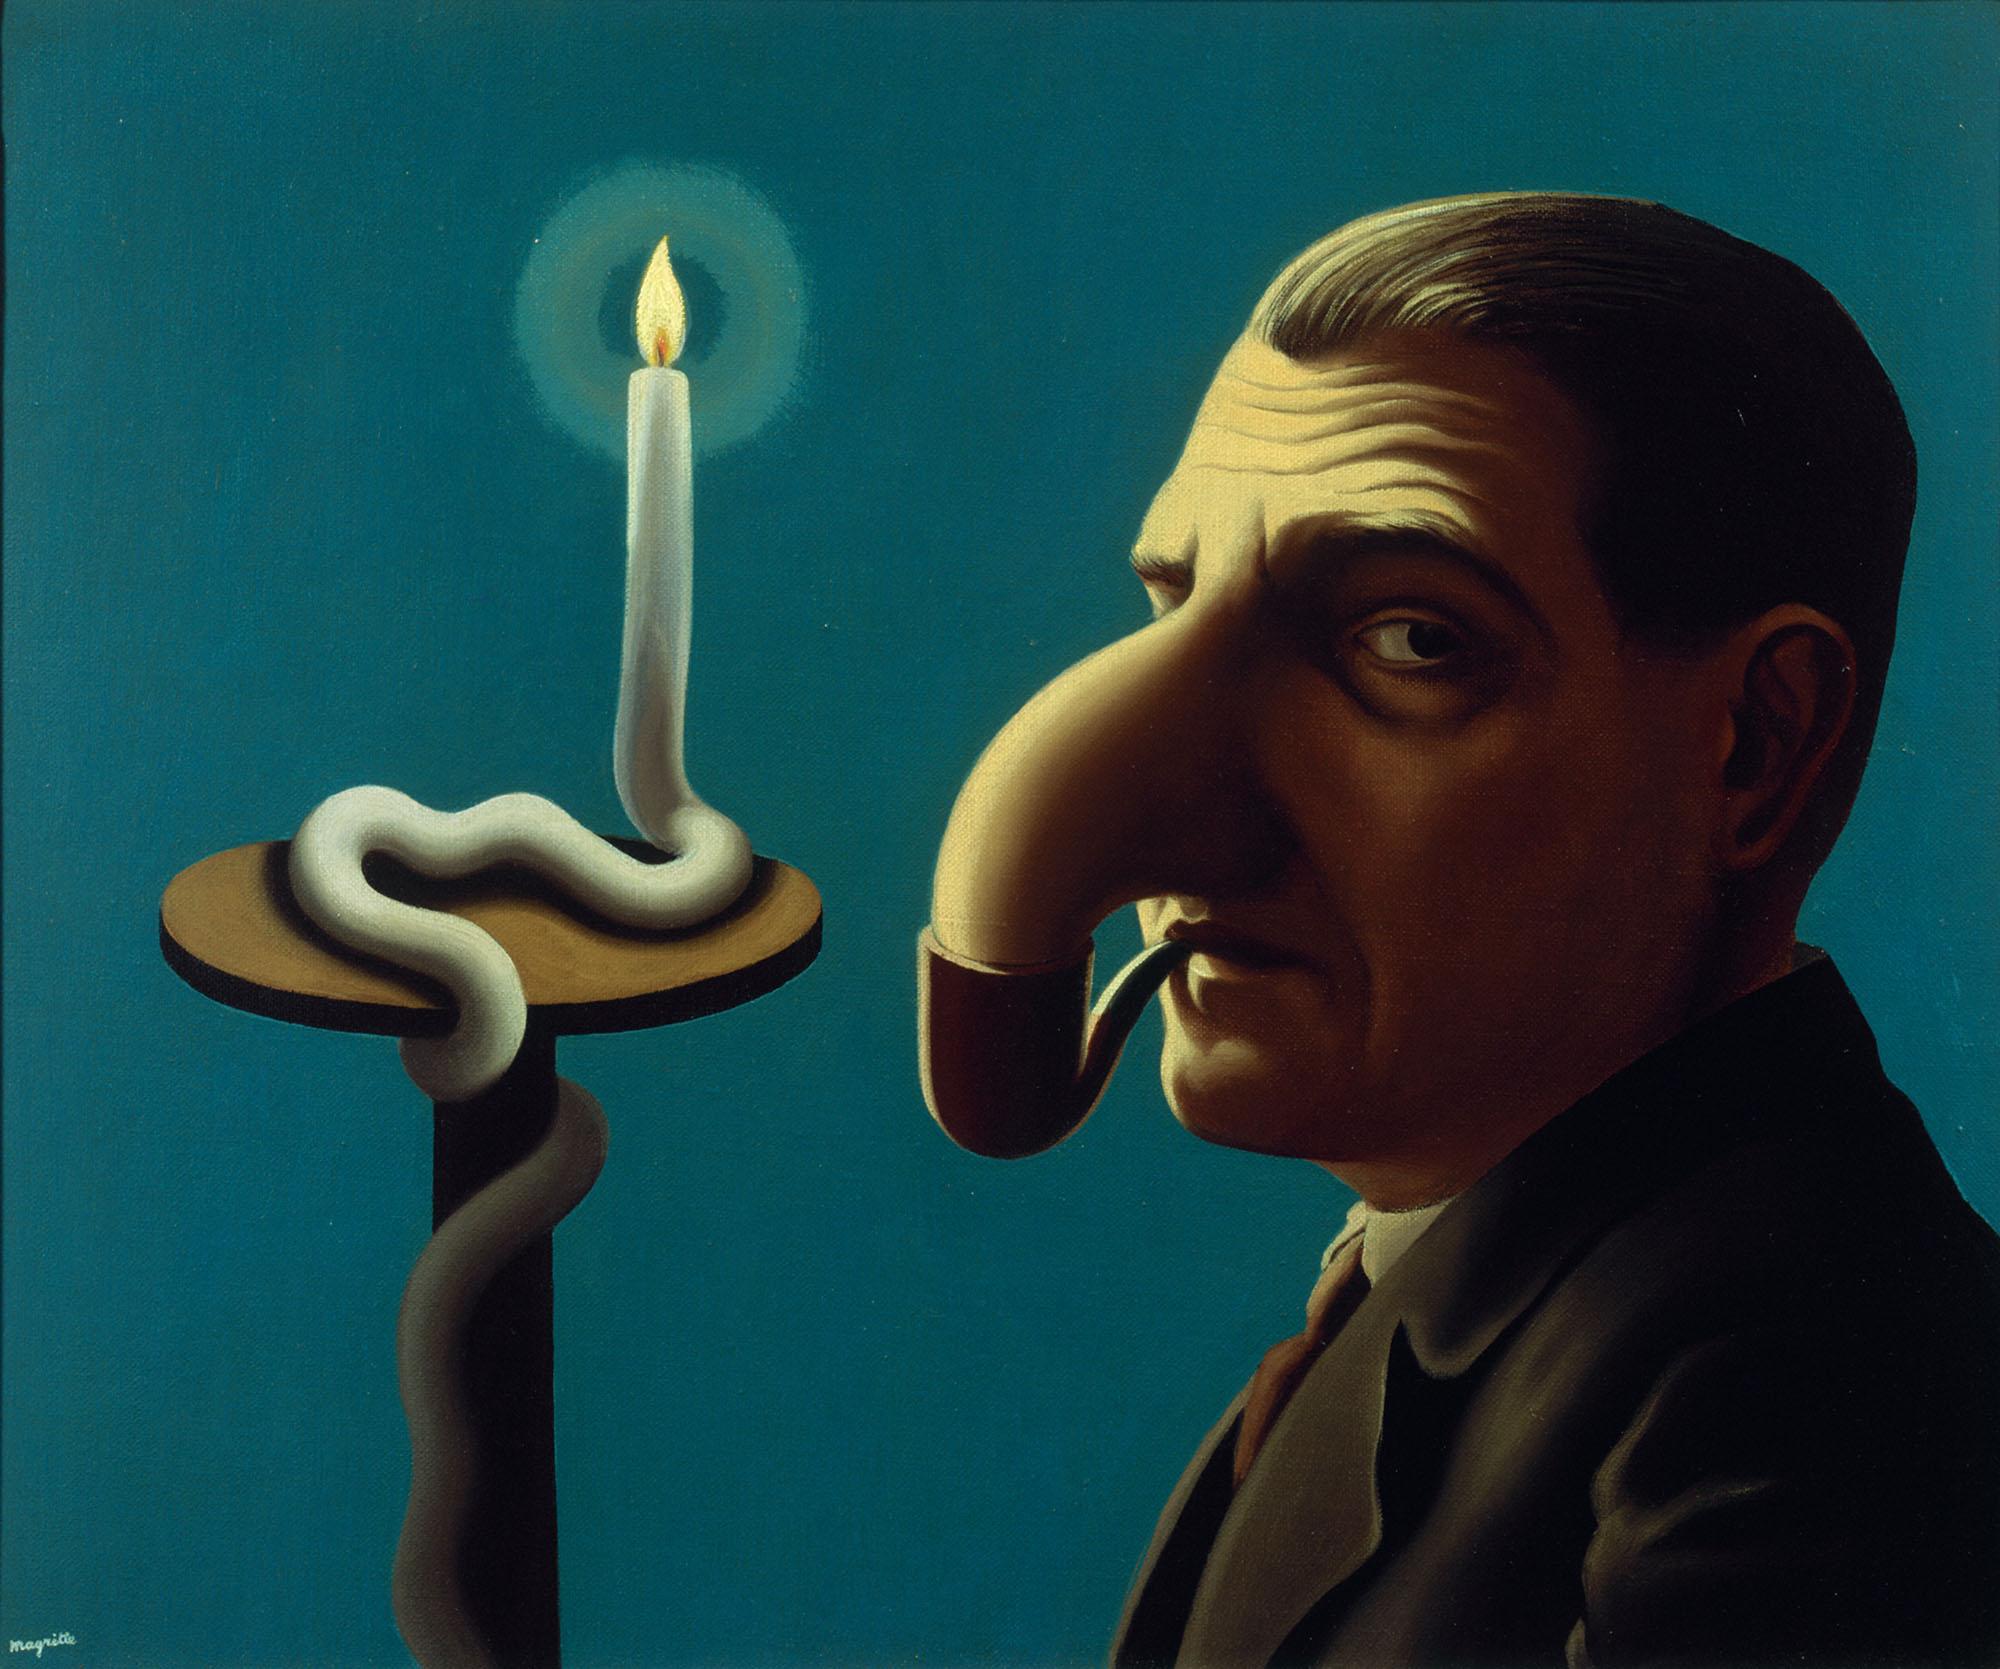 René Magritte, La lampe philosophique, 1936